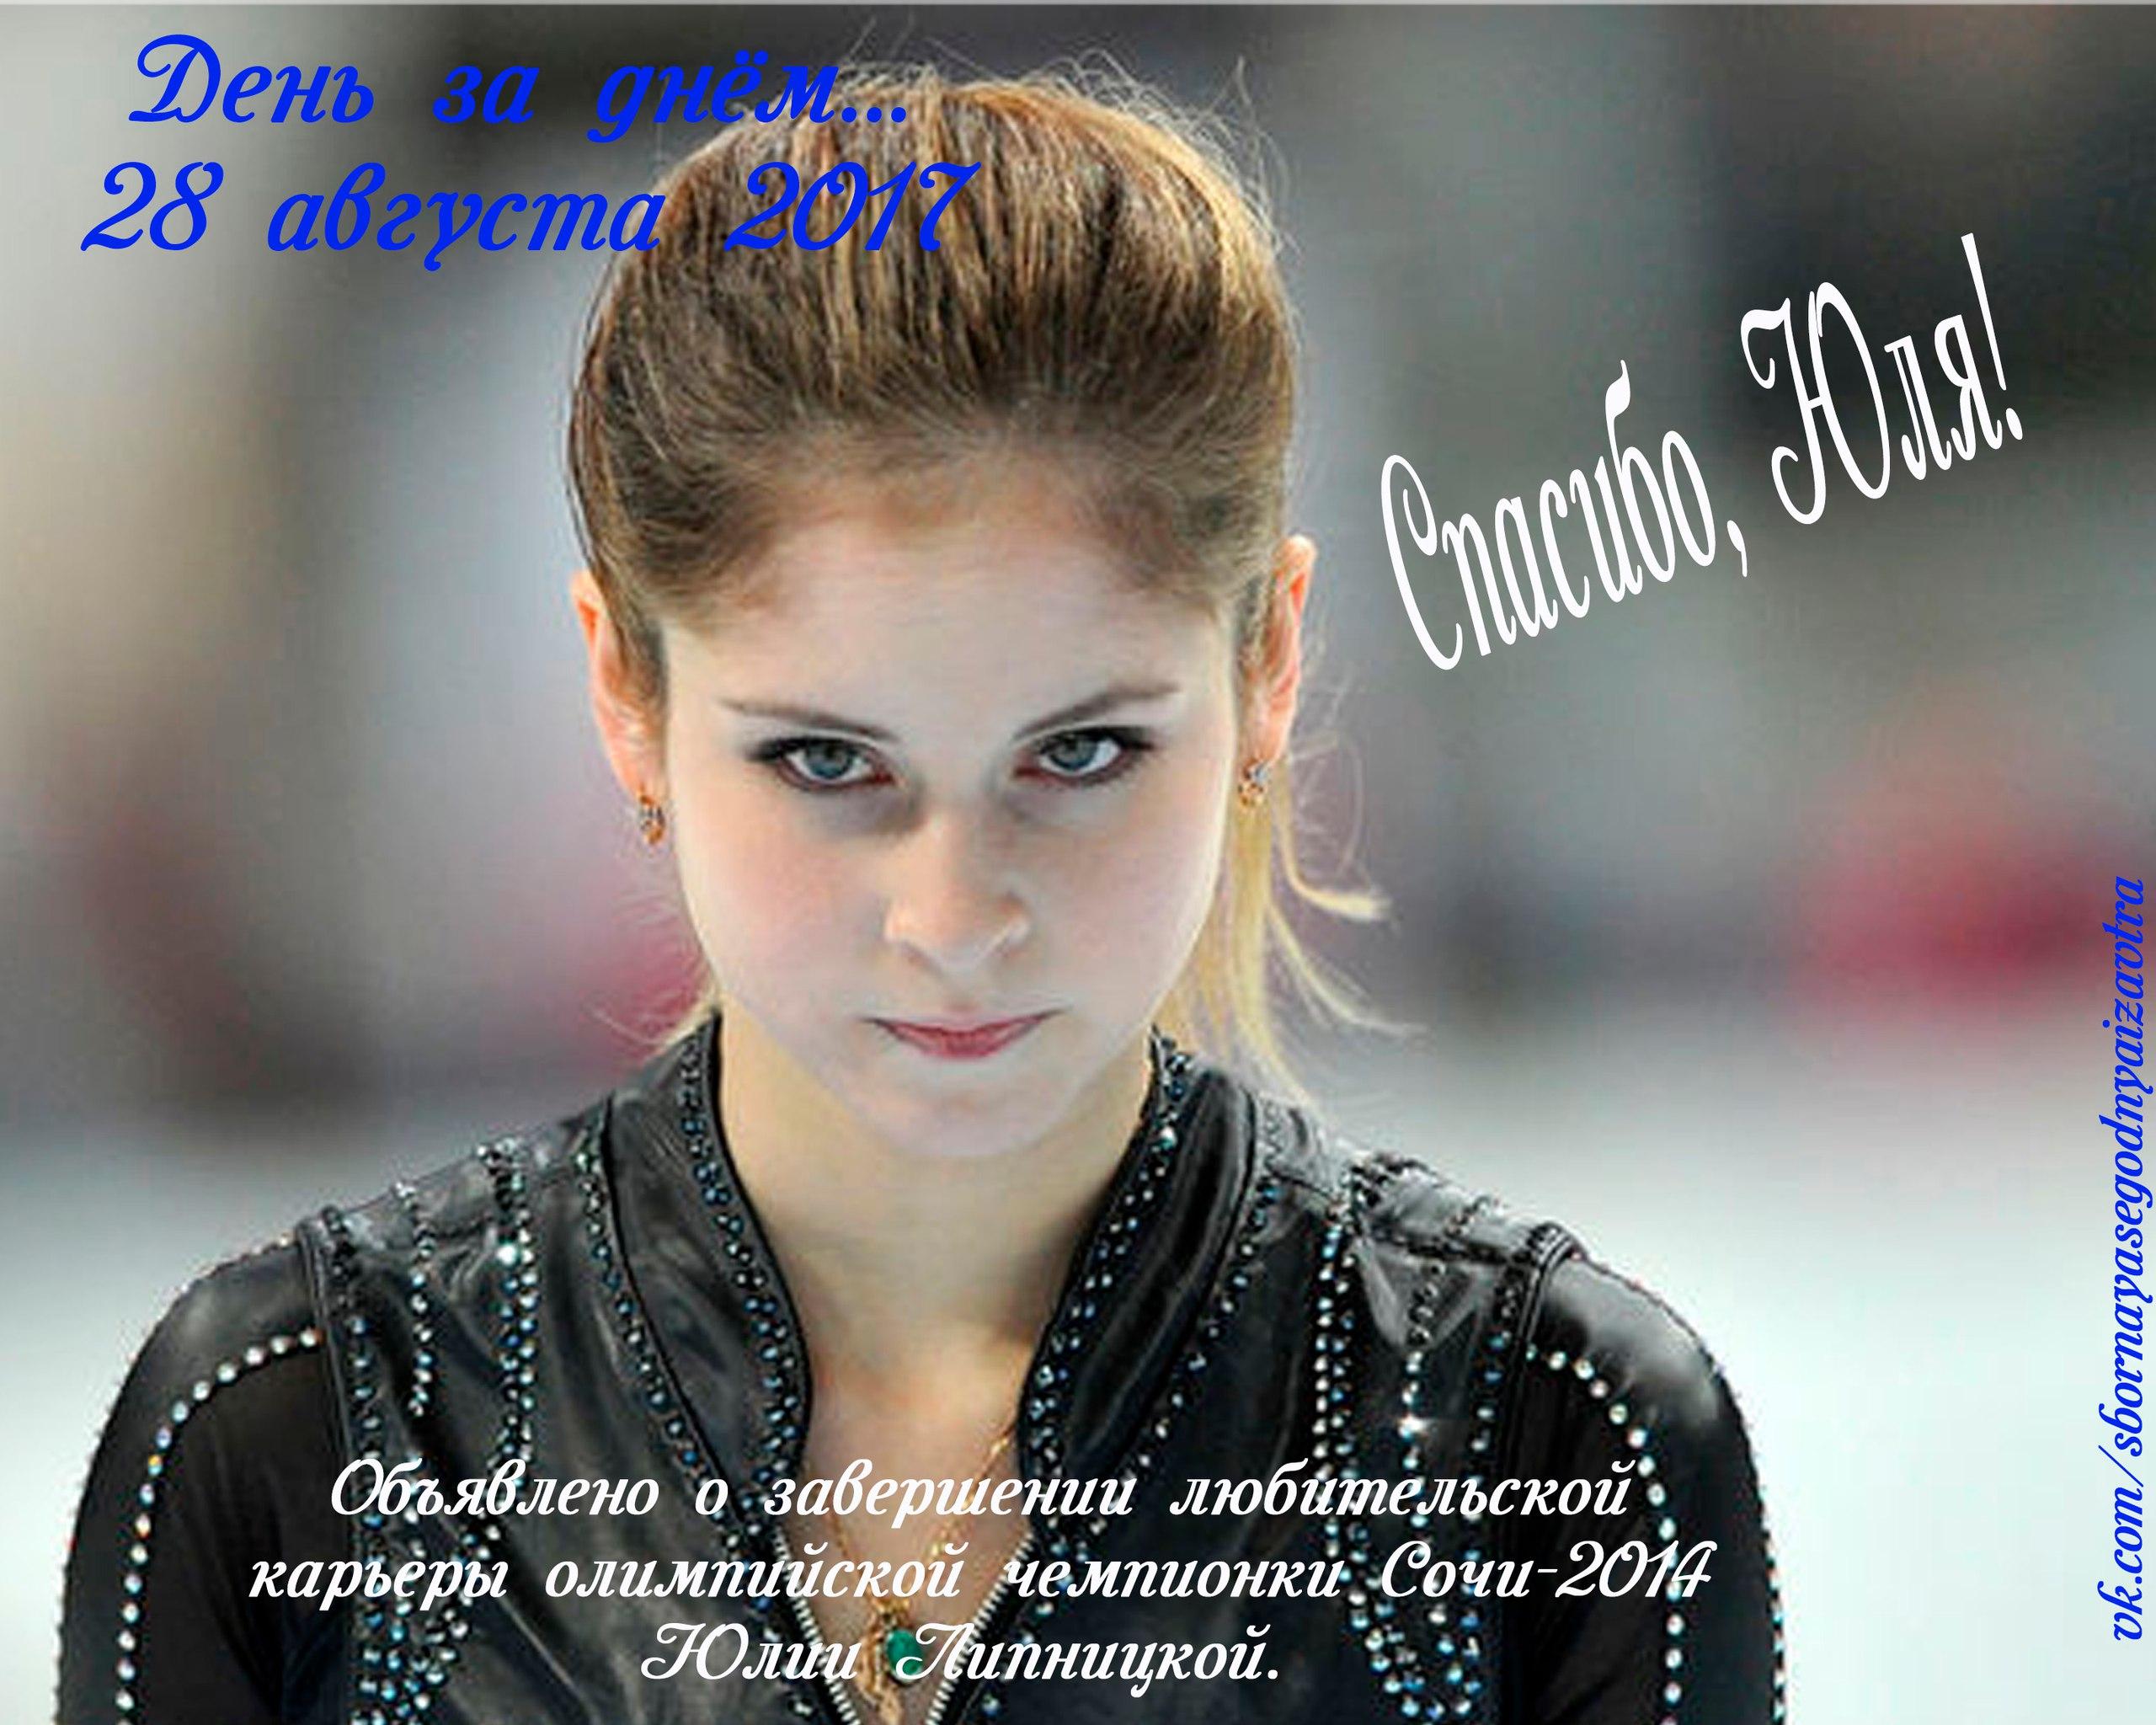 Юлия Липницкая - 6 _nHZxZ-KS_s